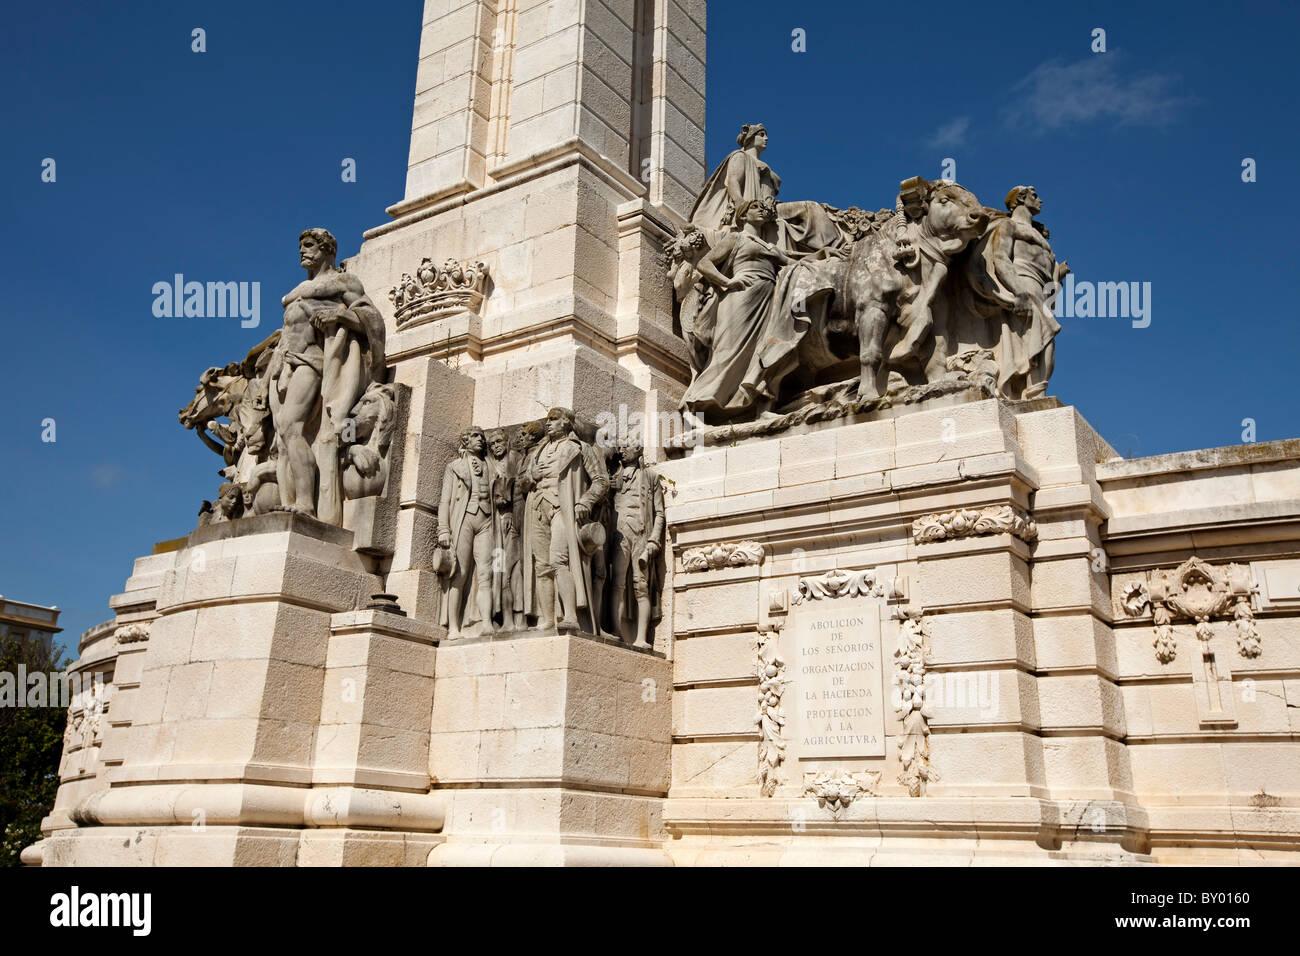 Monumento a la Constitución de 1812 Cádiz Andalucía España Monumento alla Costituzione del 1812 Immagini Stock